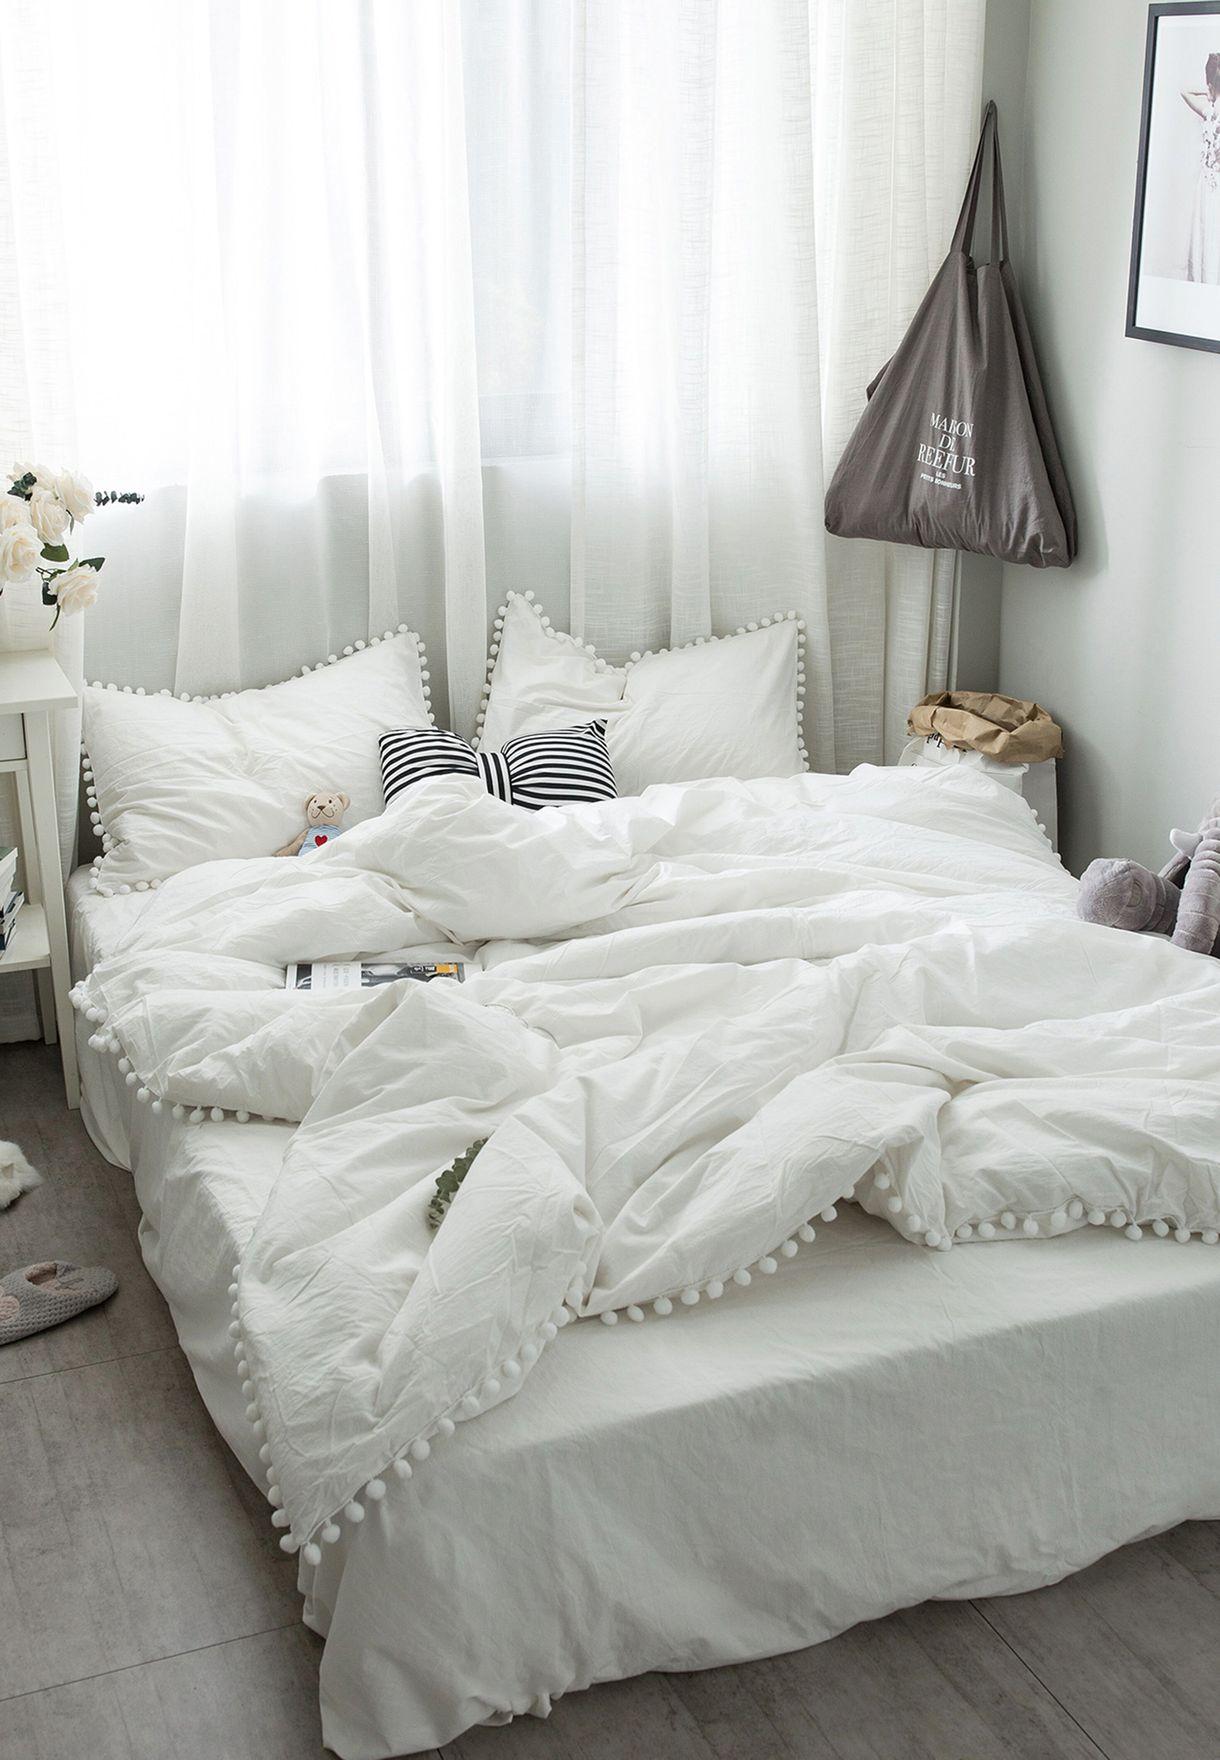 200x230cm King Size Pom Pom Detail Bed Set